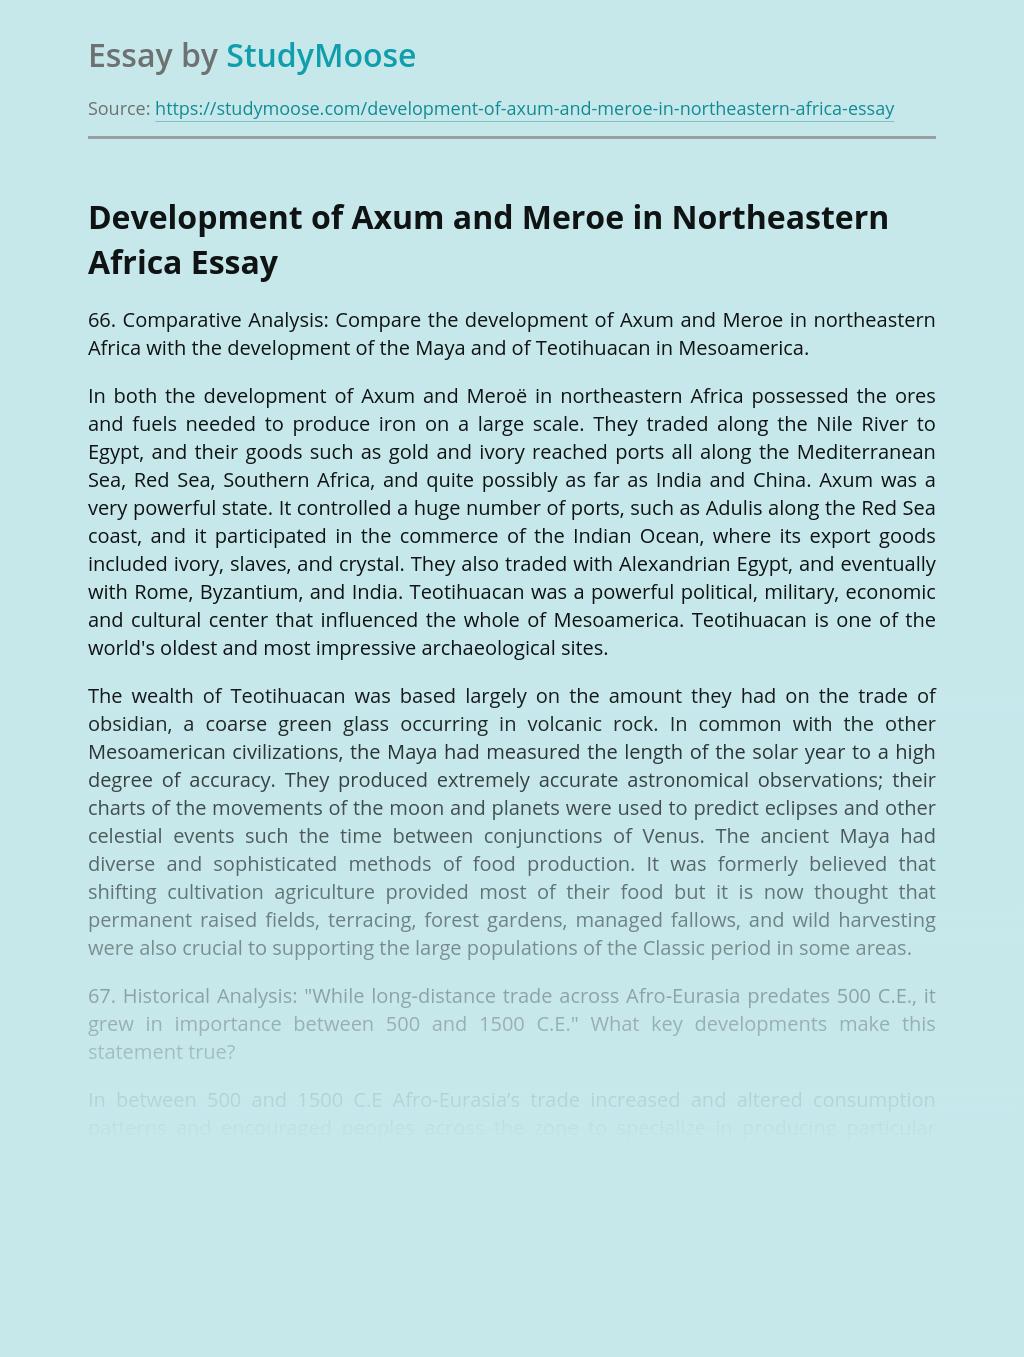 Development of Axum and Meroe in Northeastern Africa